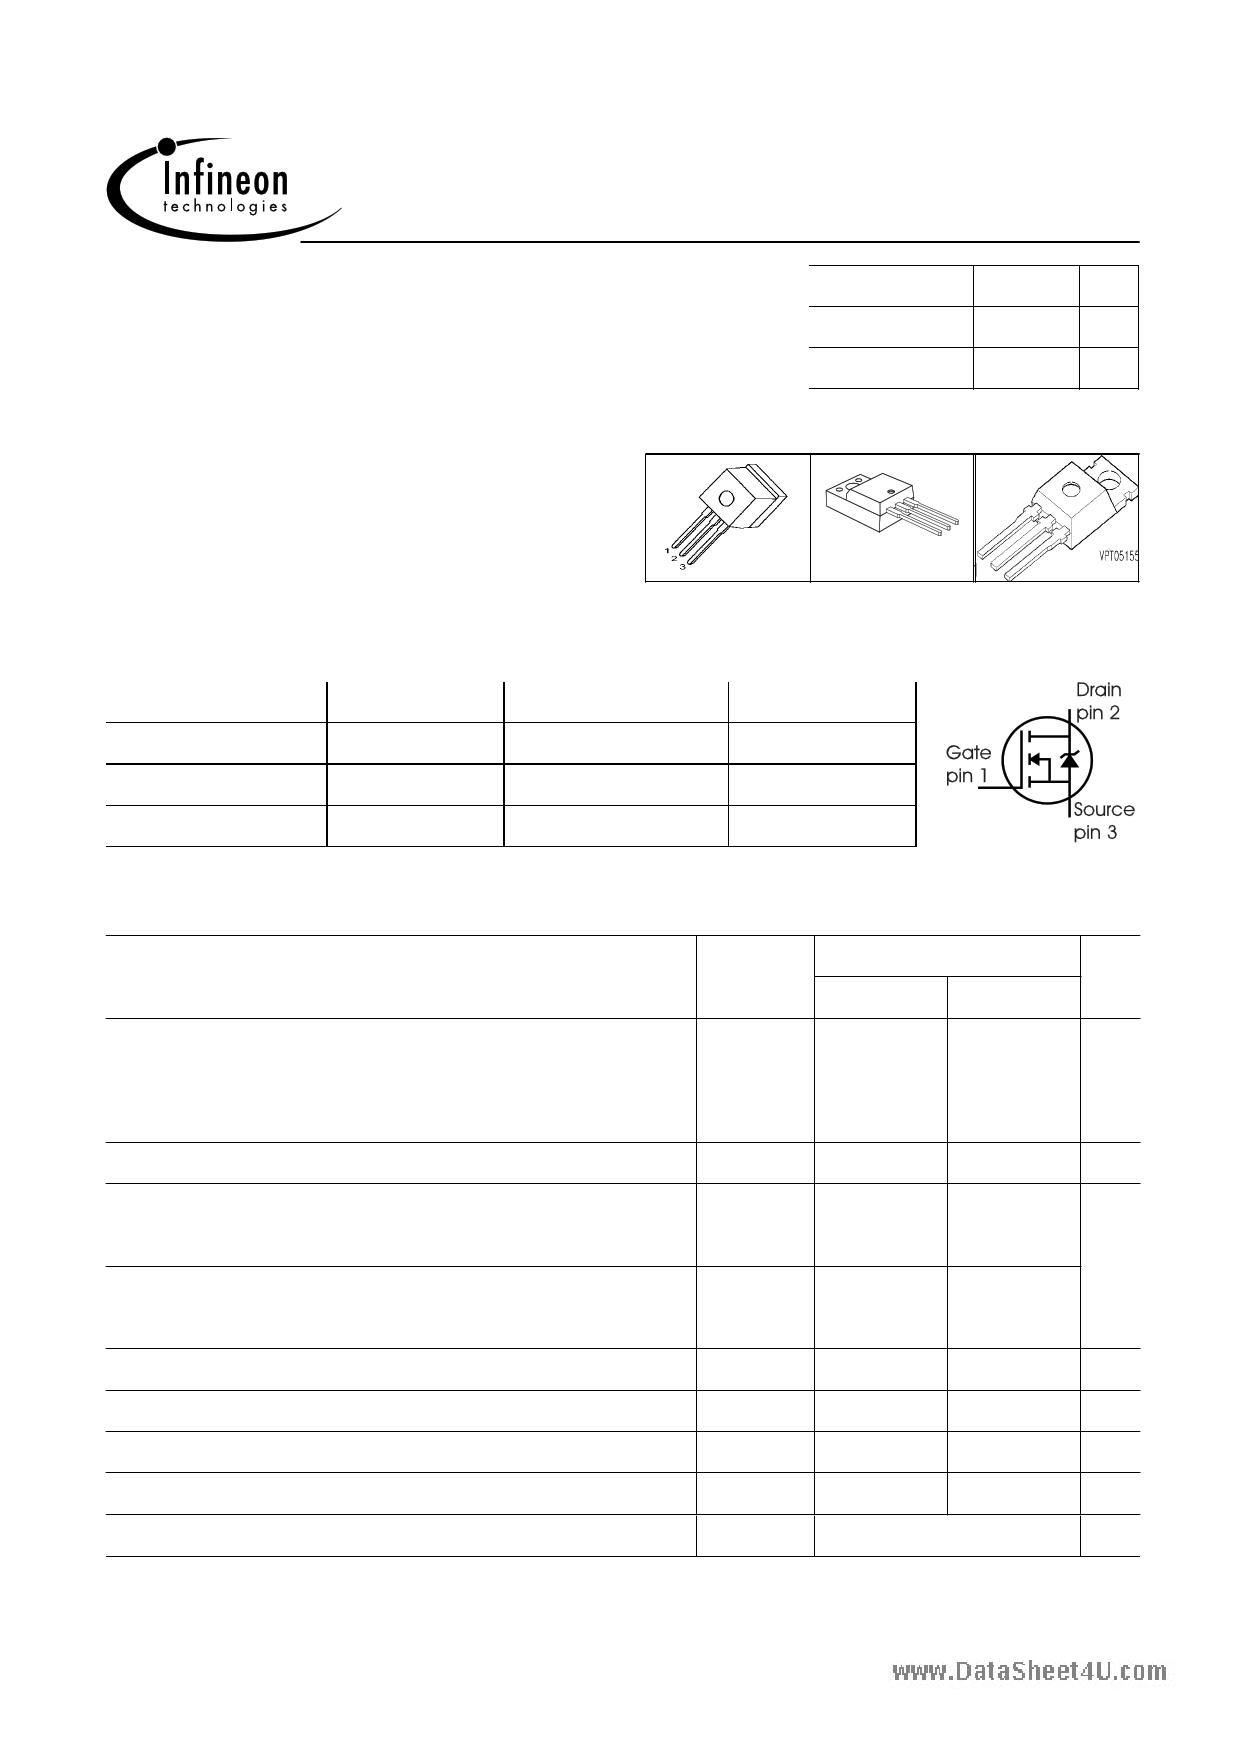 11N65C3 datasheet pinout